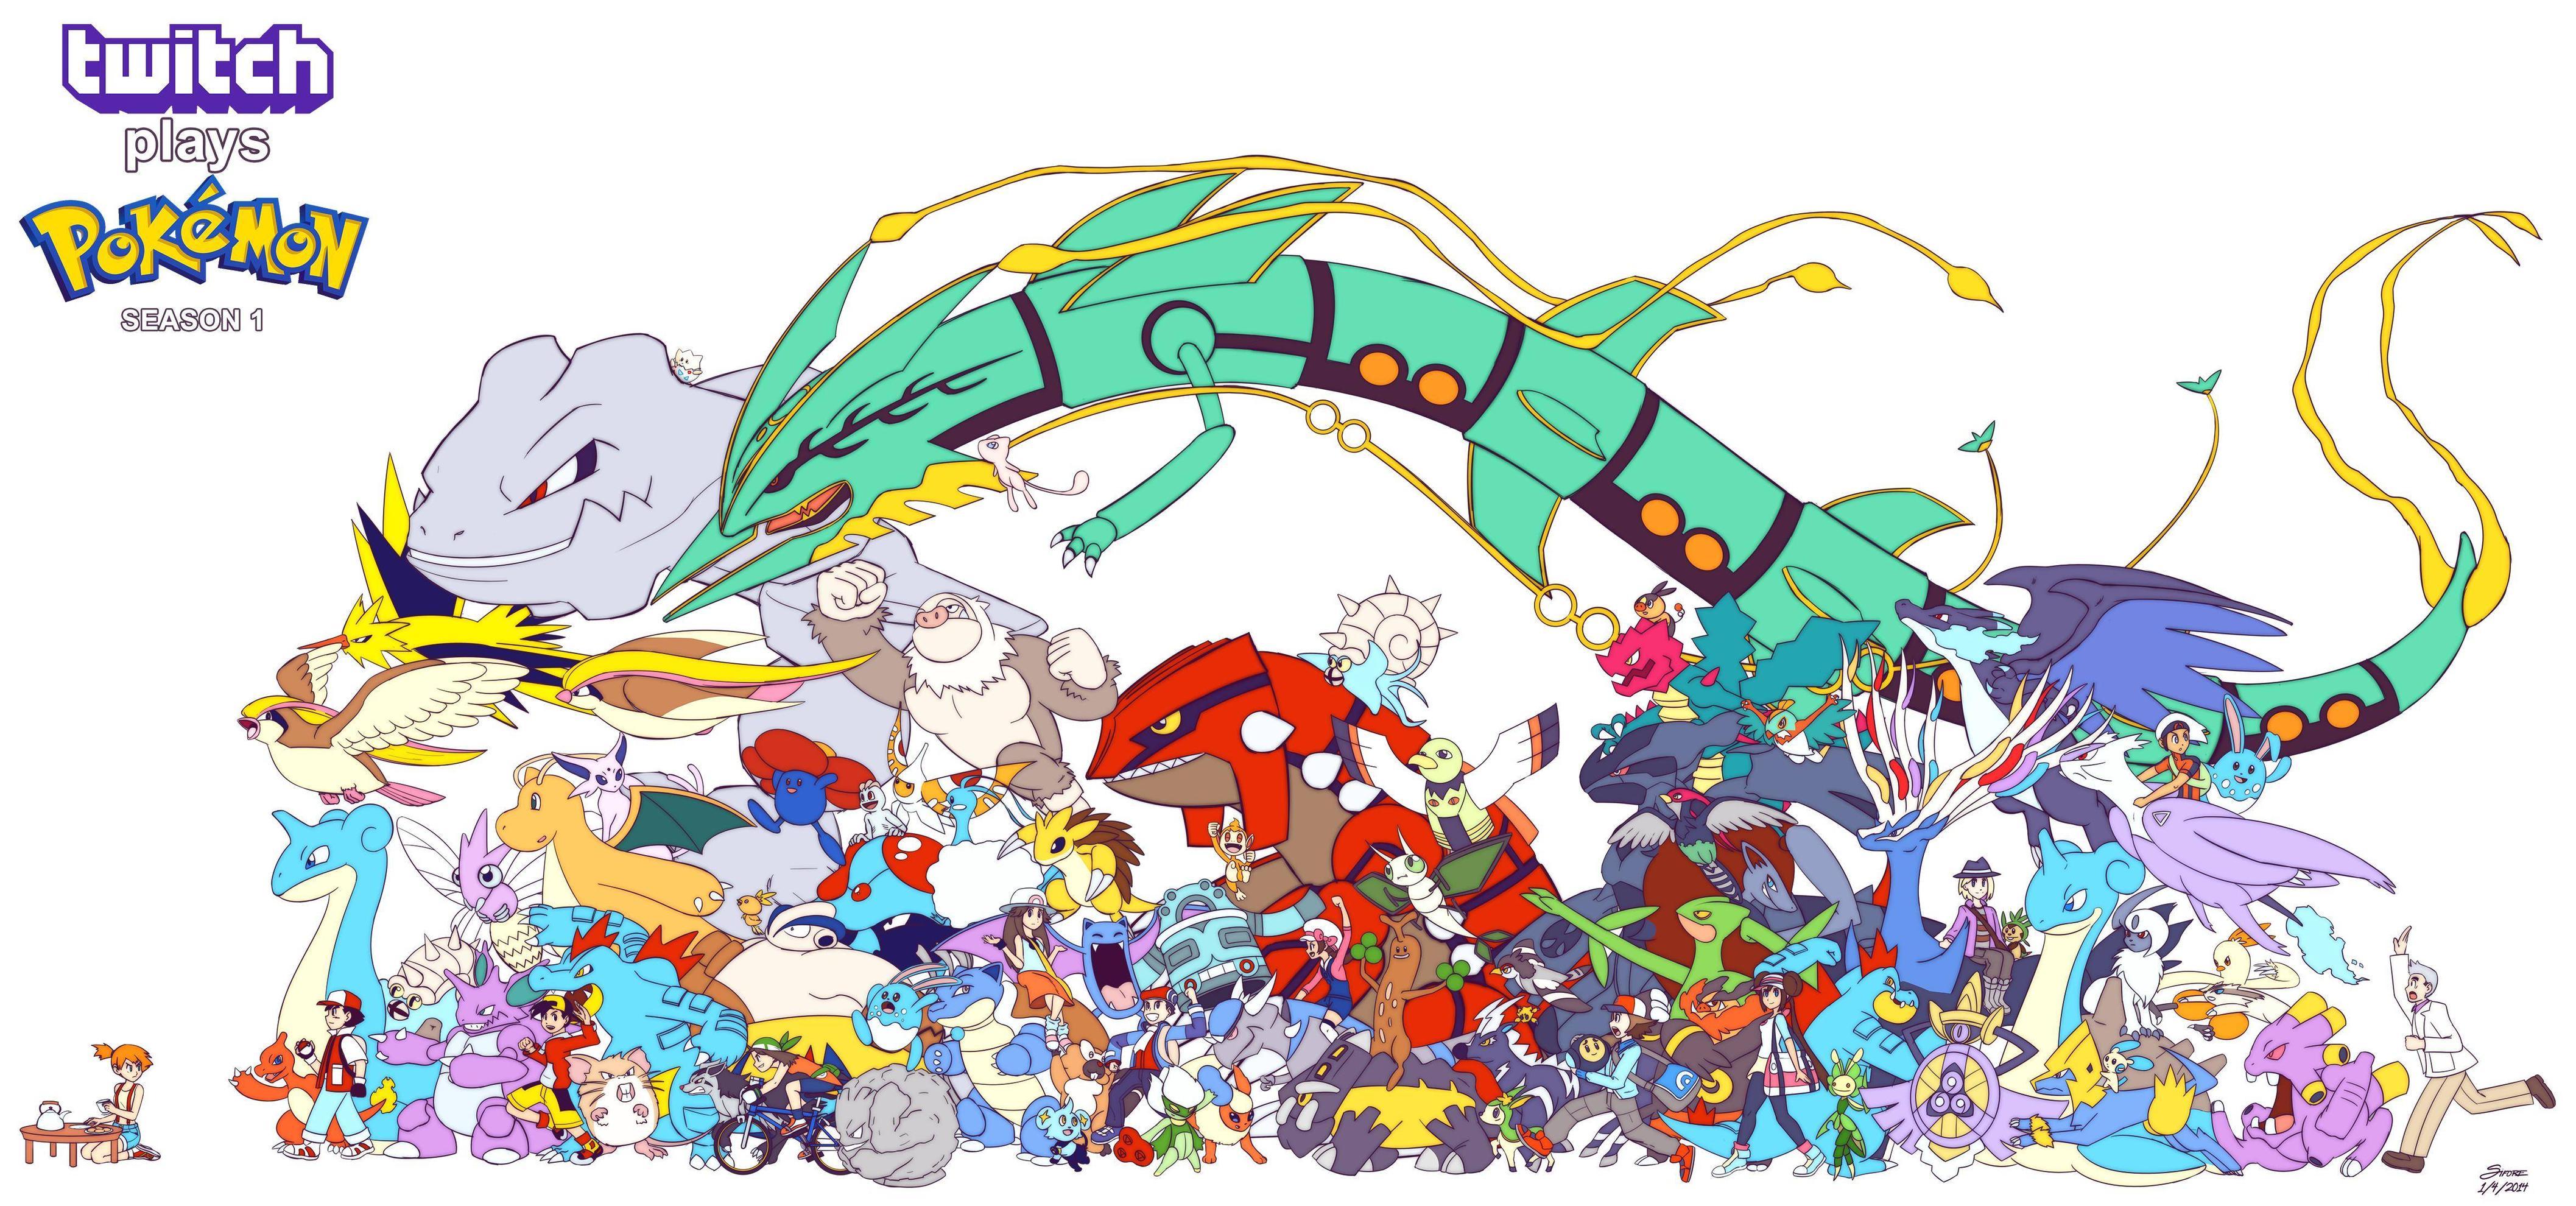 twitch plays pokemon season 1 poster twitch plays pokemon know